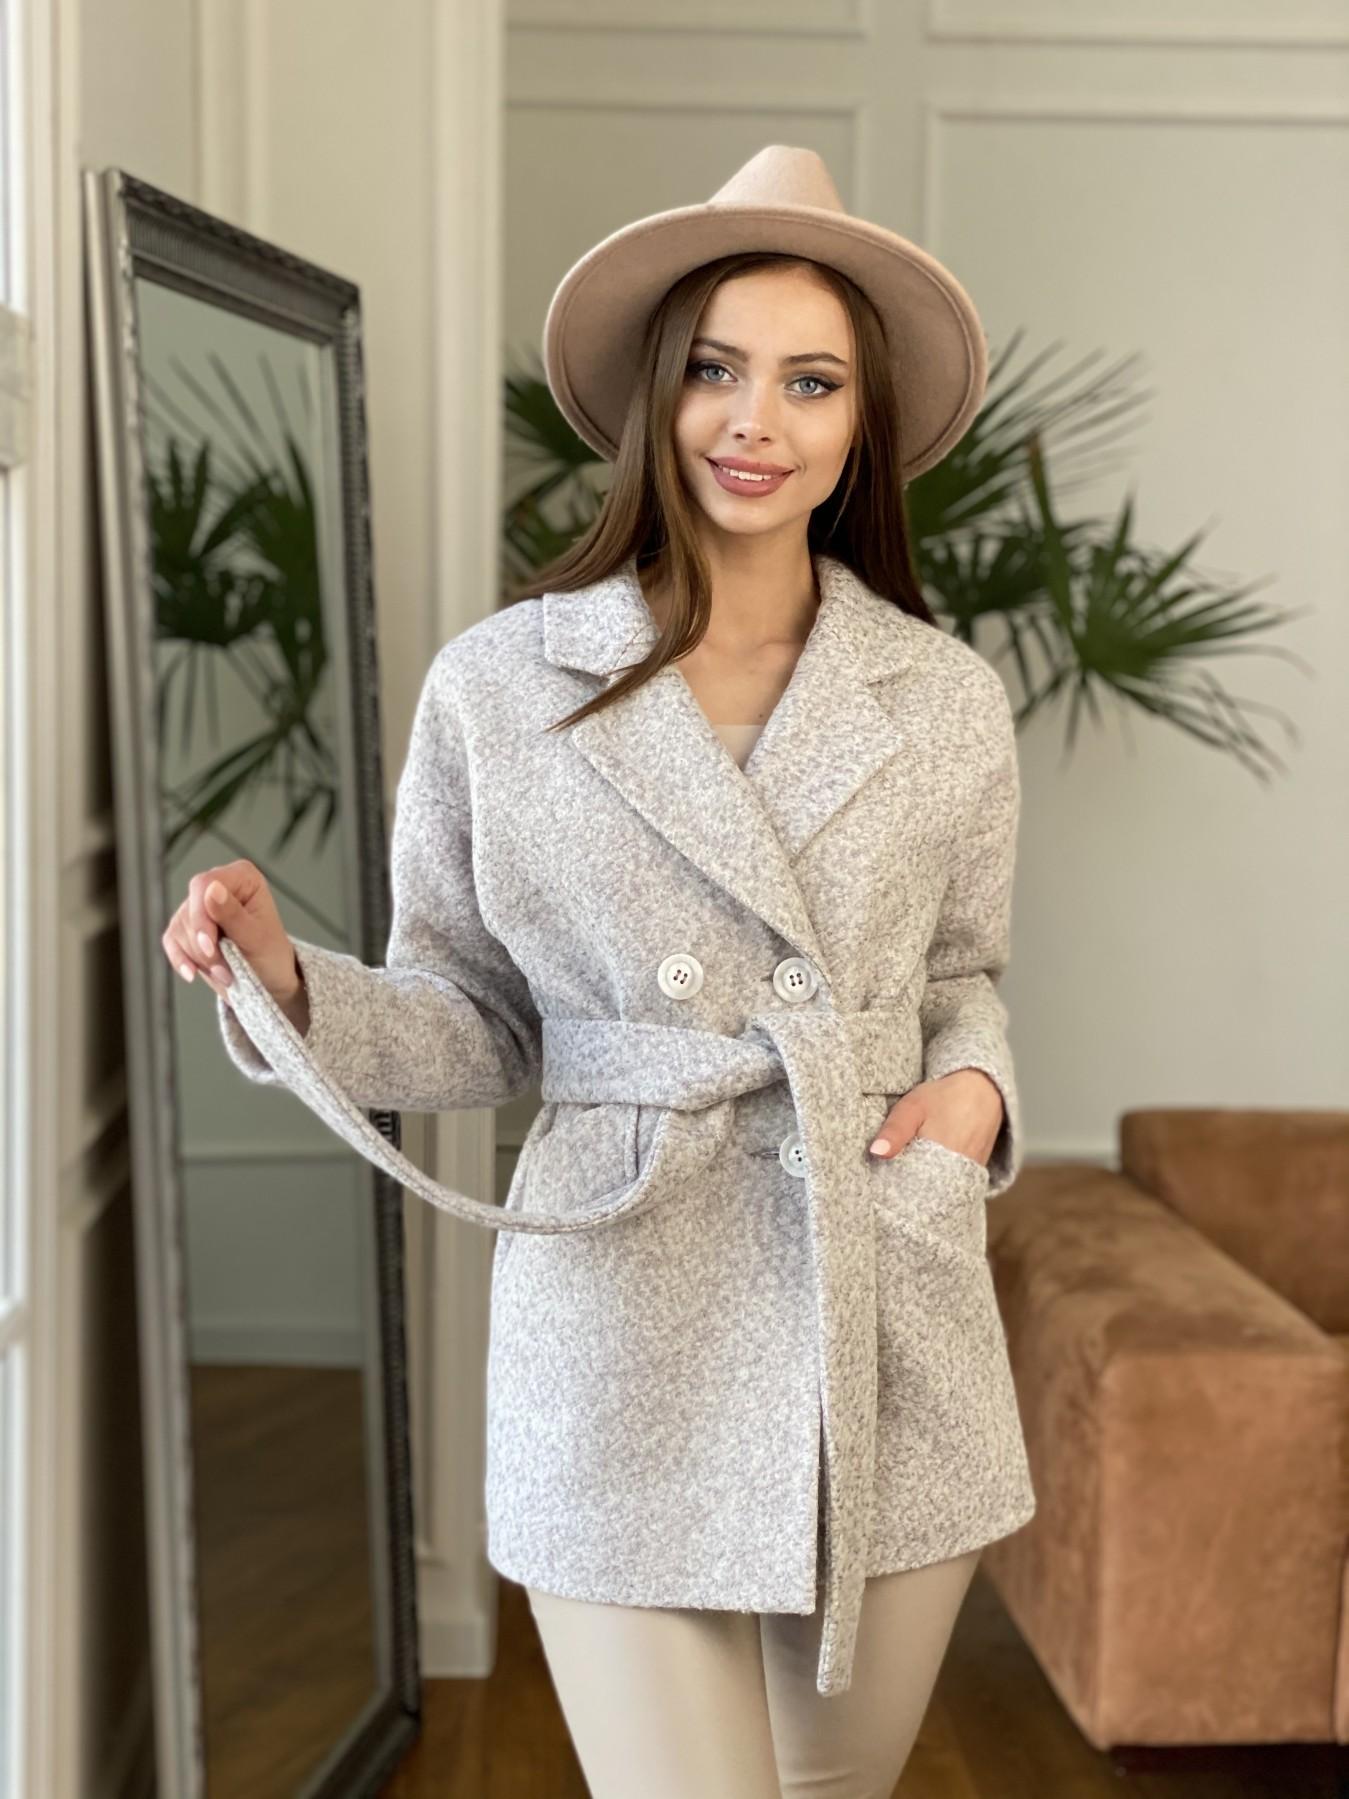 Купить пальто демисезонное от Modus Бонд пальто из шерсти букле  10770